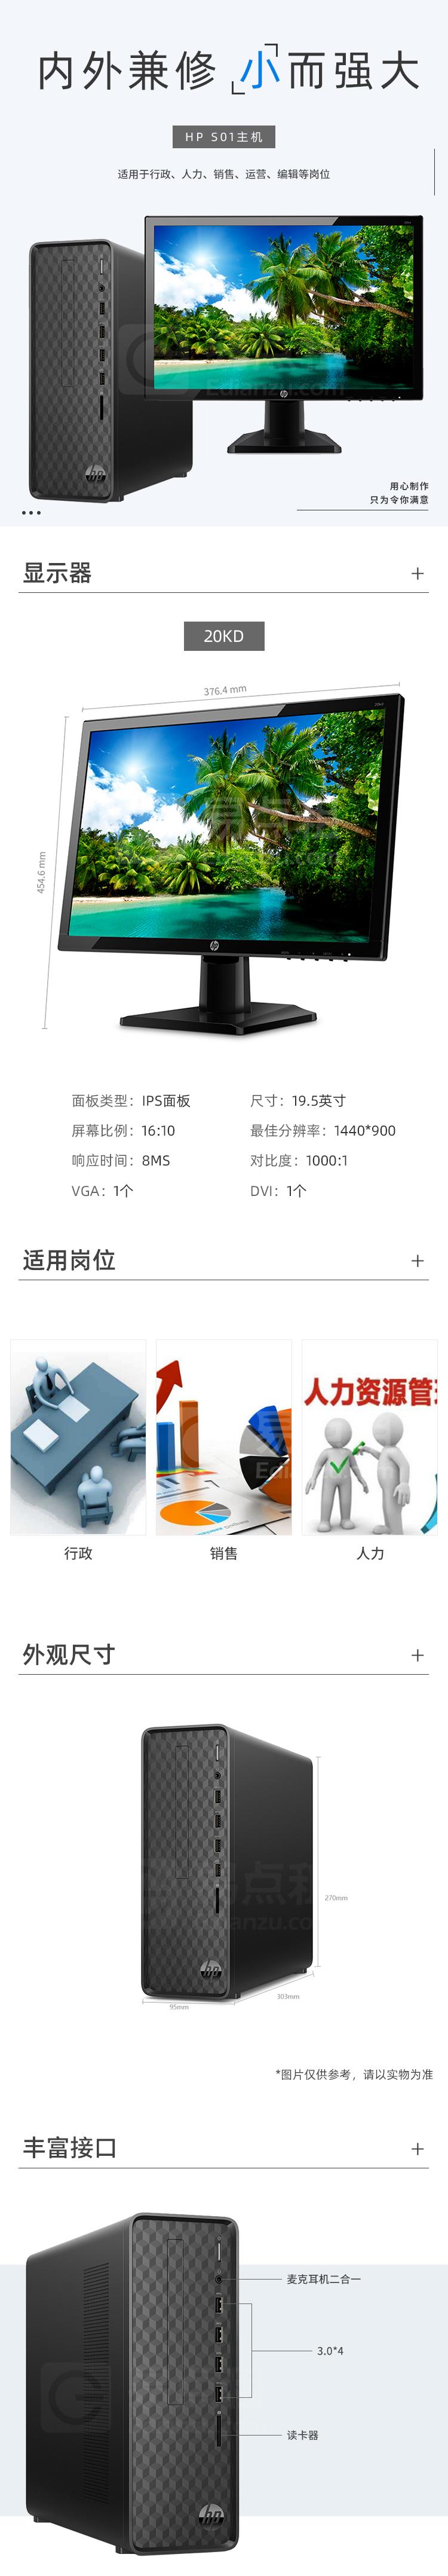 台式电脑cpu主频_全新 惠普/HP S01 台式机 (i3-9100/8G/256G SSD/核显/HP 20kd 19.5英寸/Win10 ...